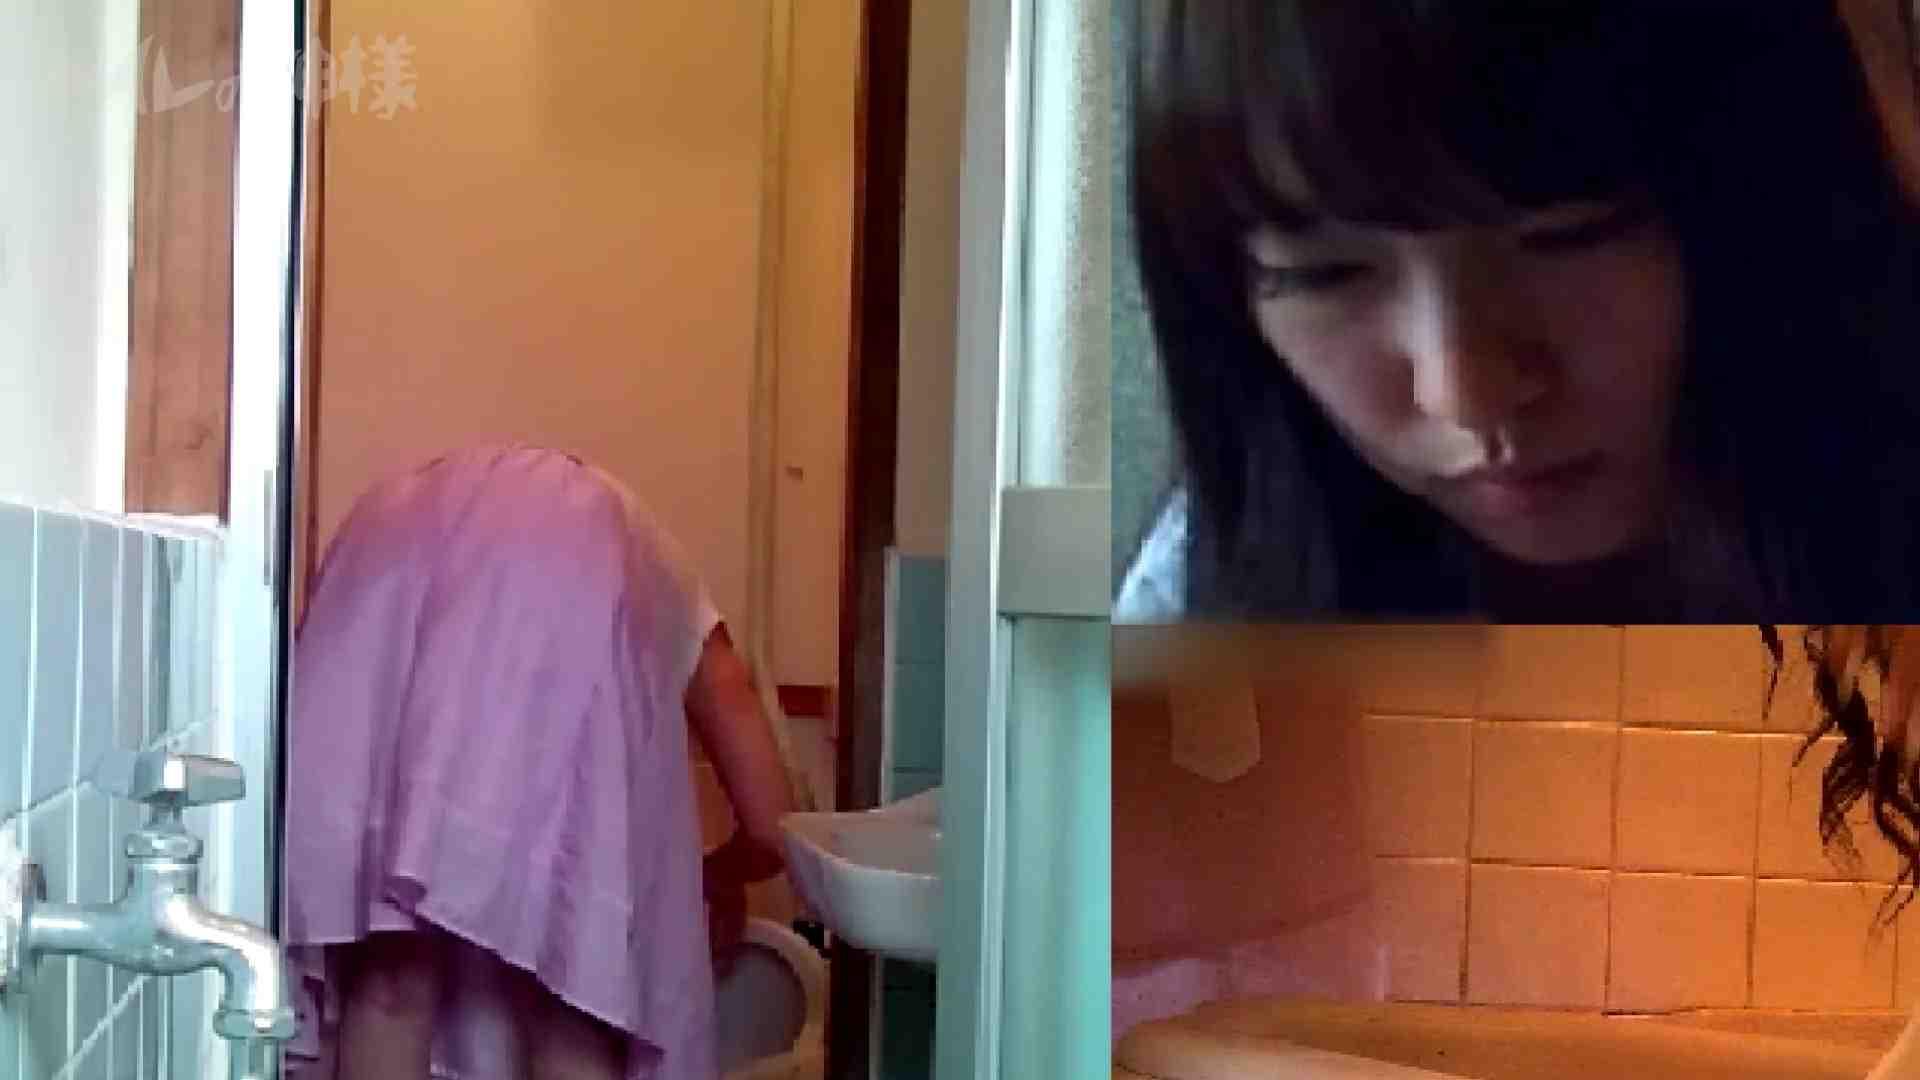 トイレの神様 Vol.09 美女のGEBOきれいに撮っています 美肌 オメコ動画キャプチャ 67画像 62